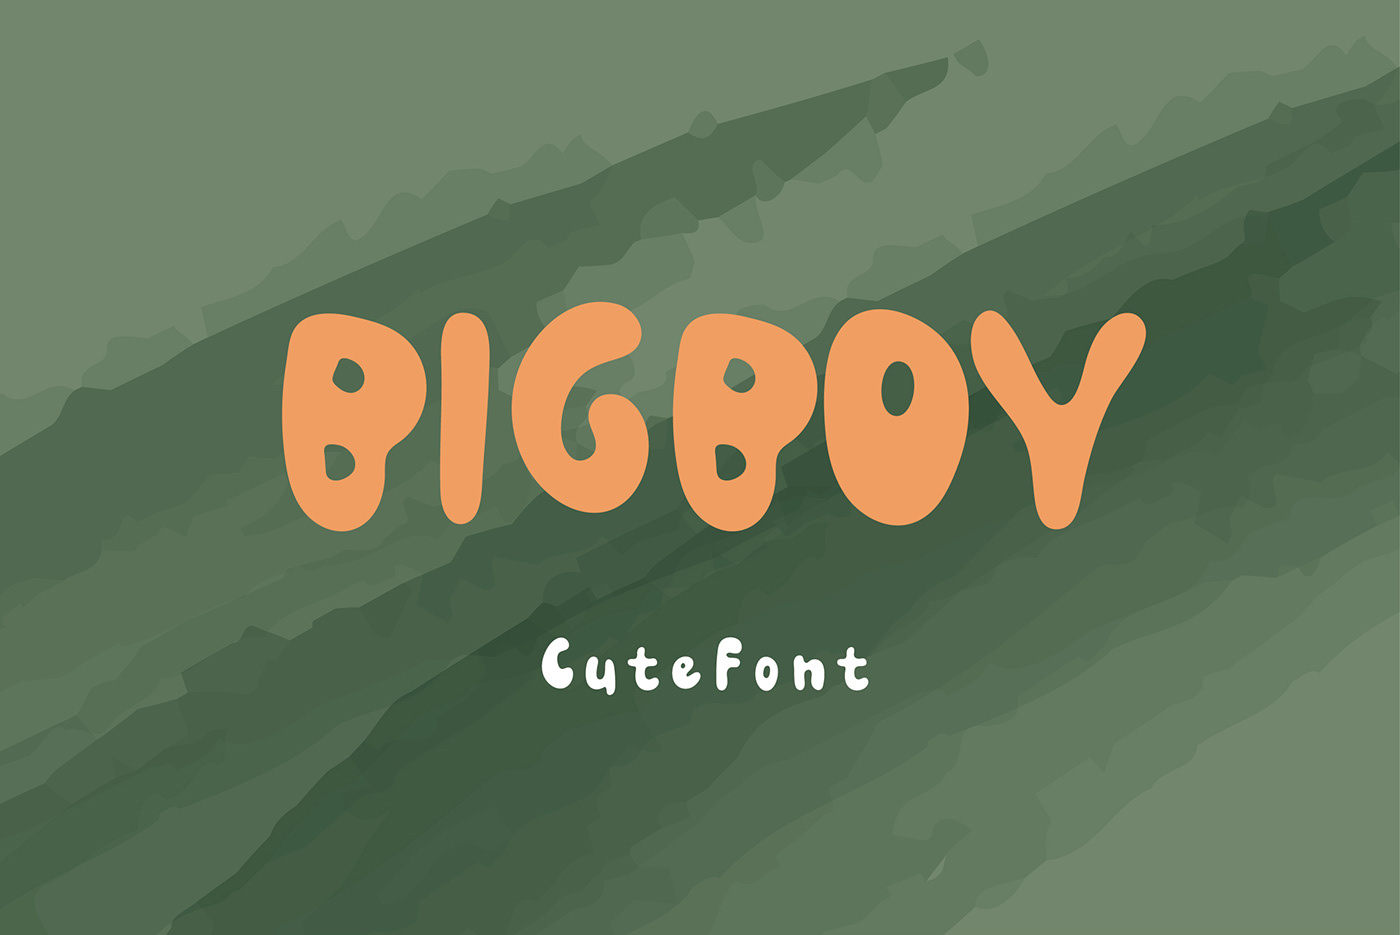 BIGBOY Font Free - script